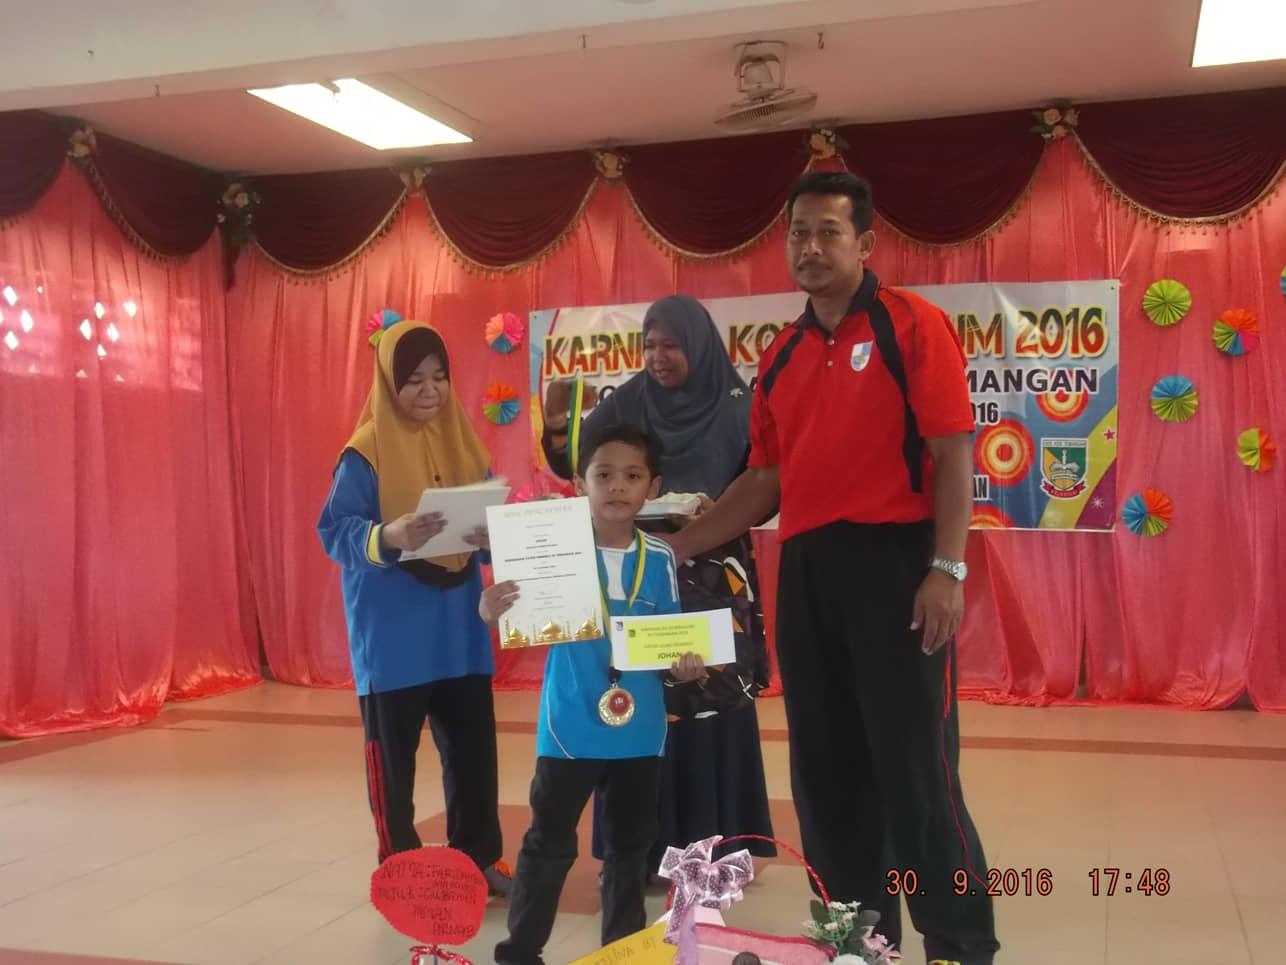 Adi Wira Cilik Juara B12 SK Temangan